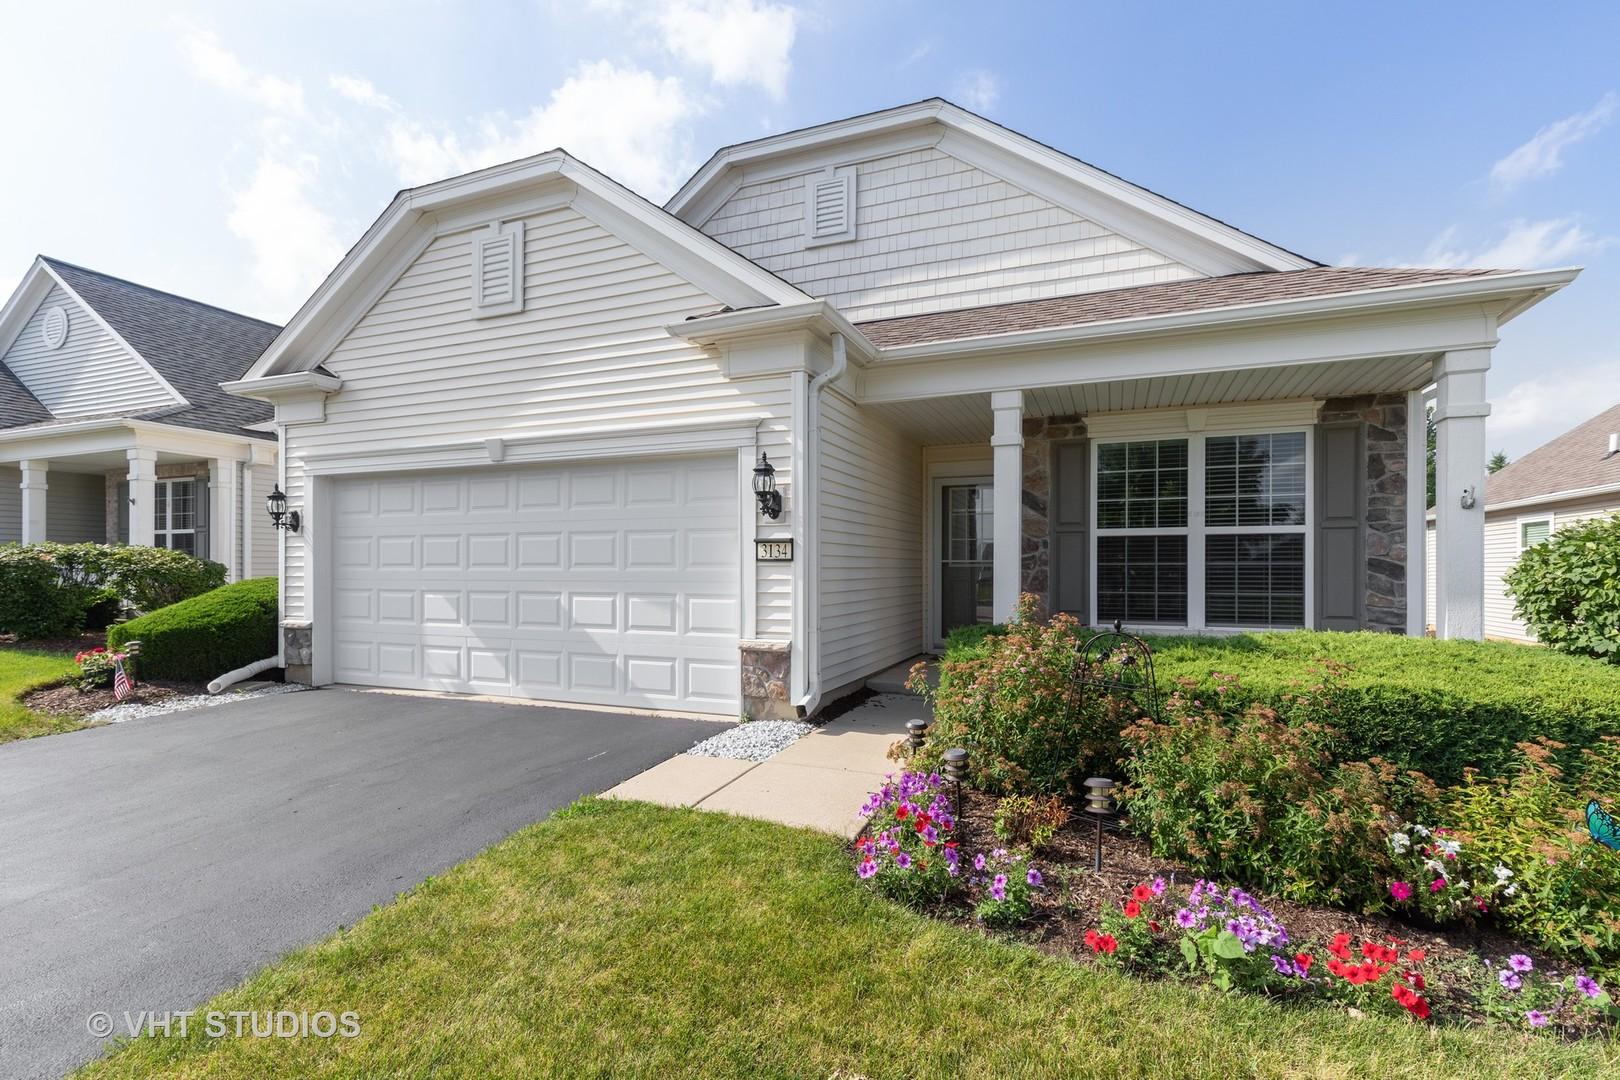 3134 Comstock ,Mundelein, Illinois 60060